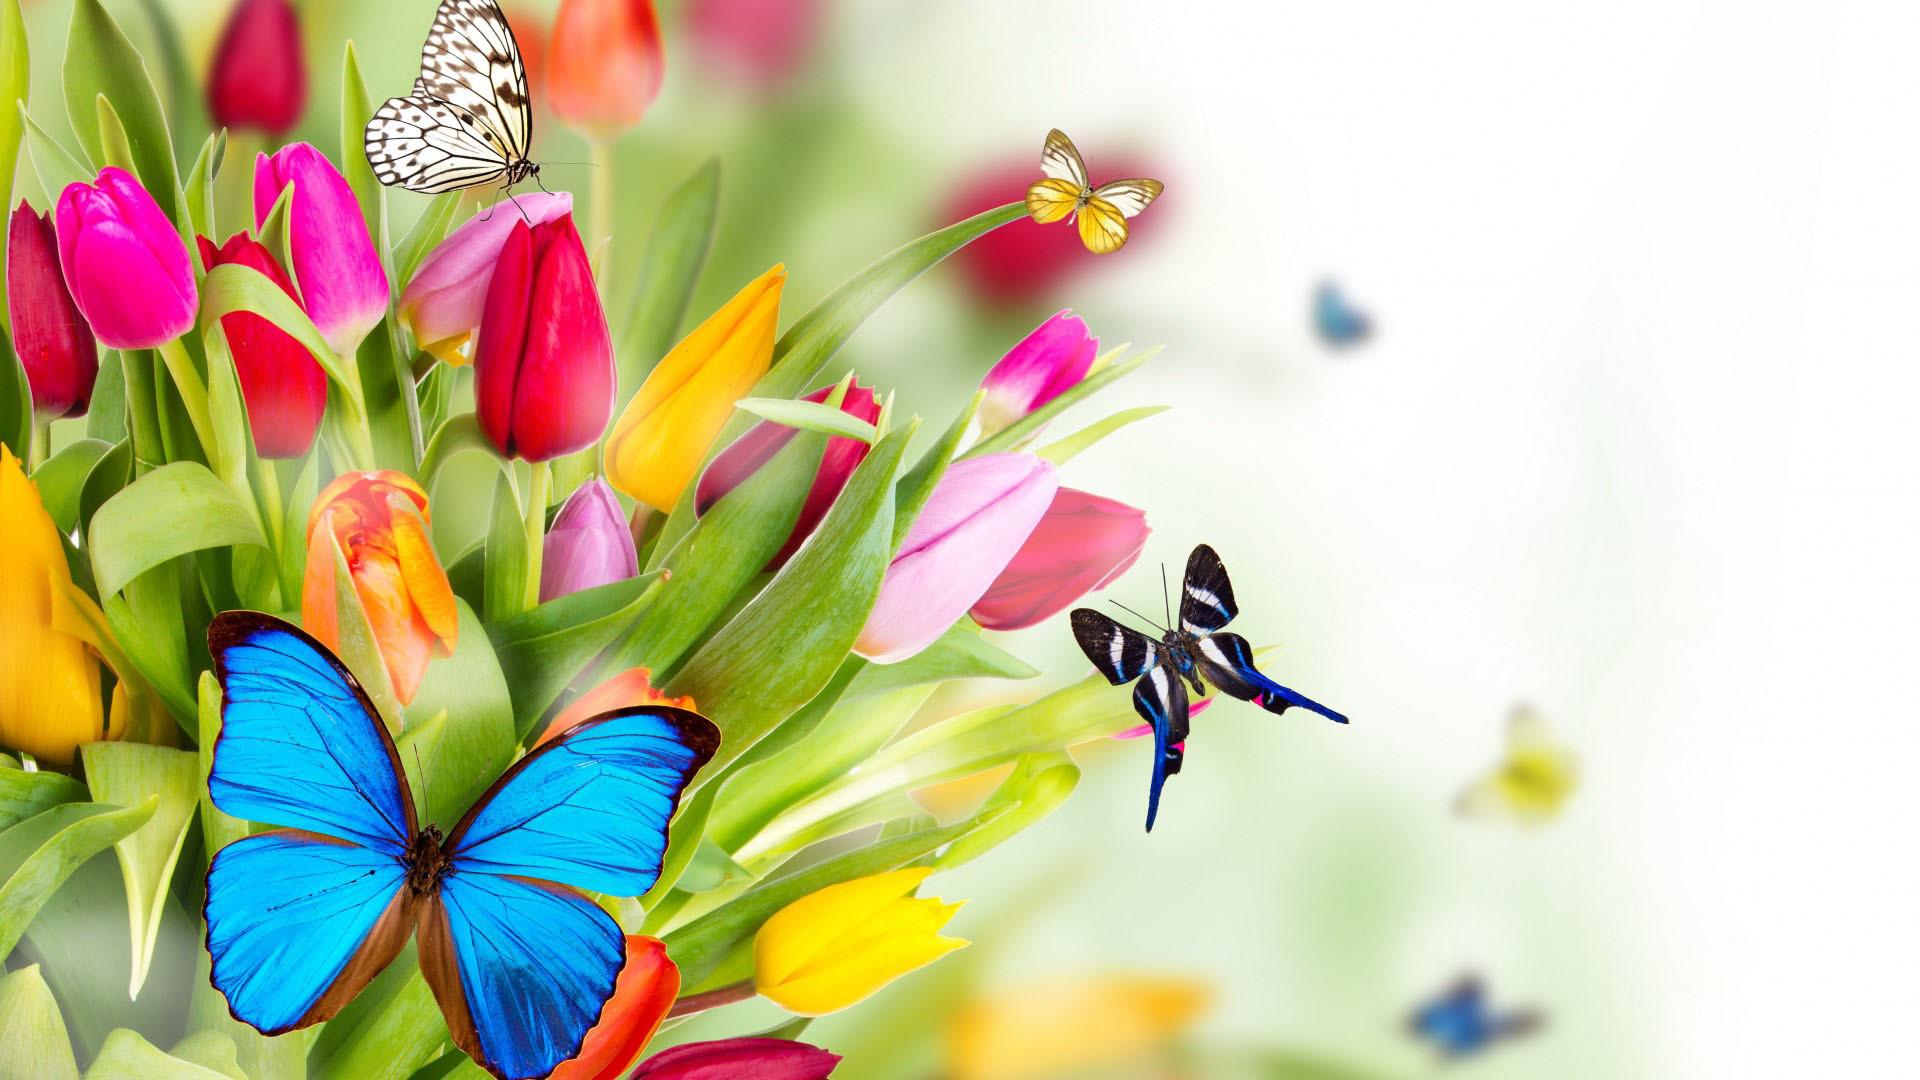 Beautiful butterflies on flowers | | Full HD 169 .